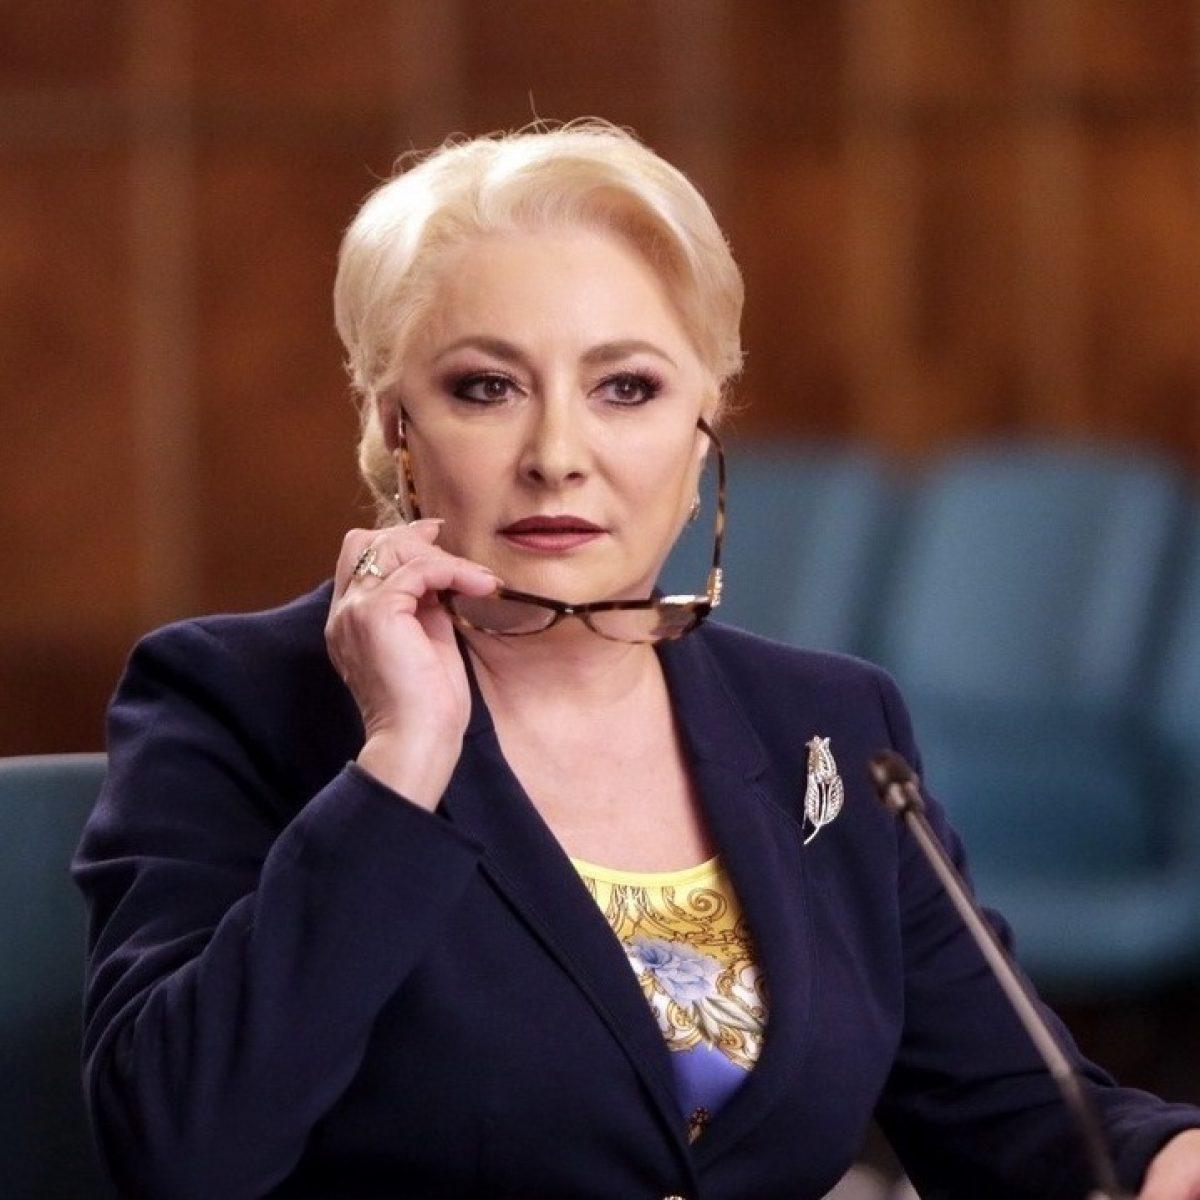 Bombă politică! Viorica Dăncilă, anchetată de DNA! Banii din campania electorală prezidențială subiectul unei investigații.